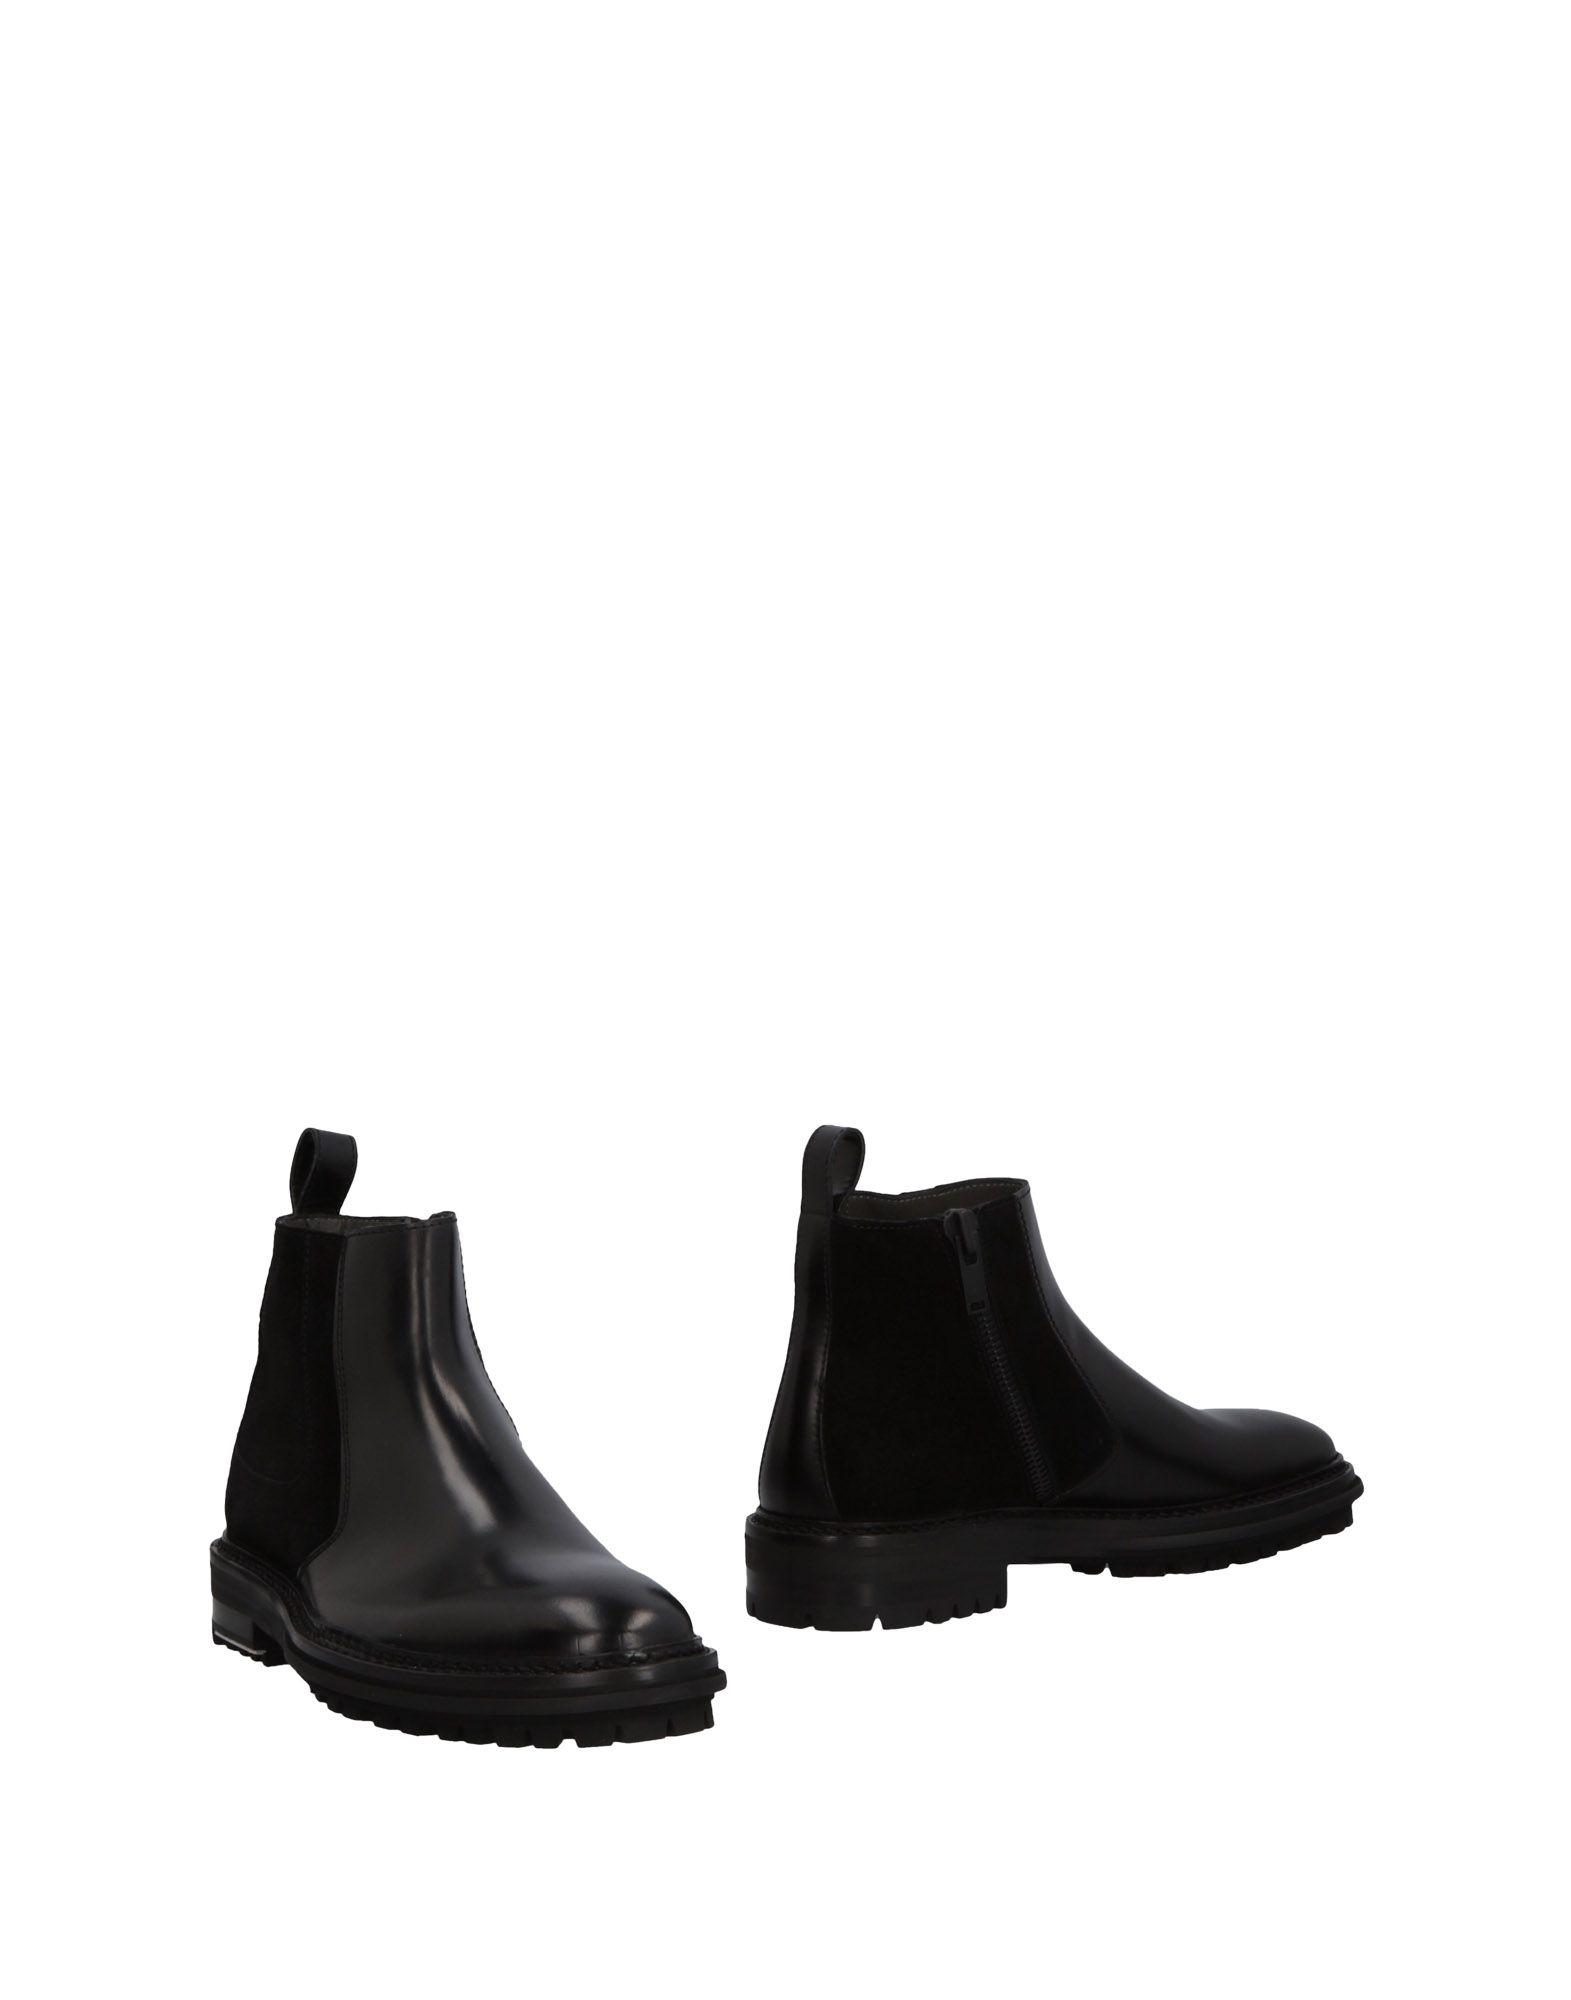 Lanvin Stiefelette Herren  11463736VD Gute Qualität beliebte Schuhe